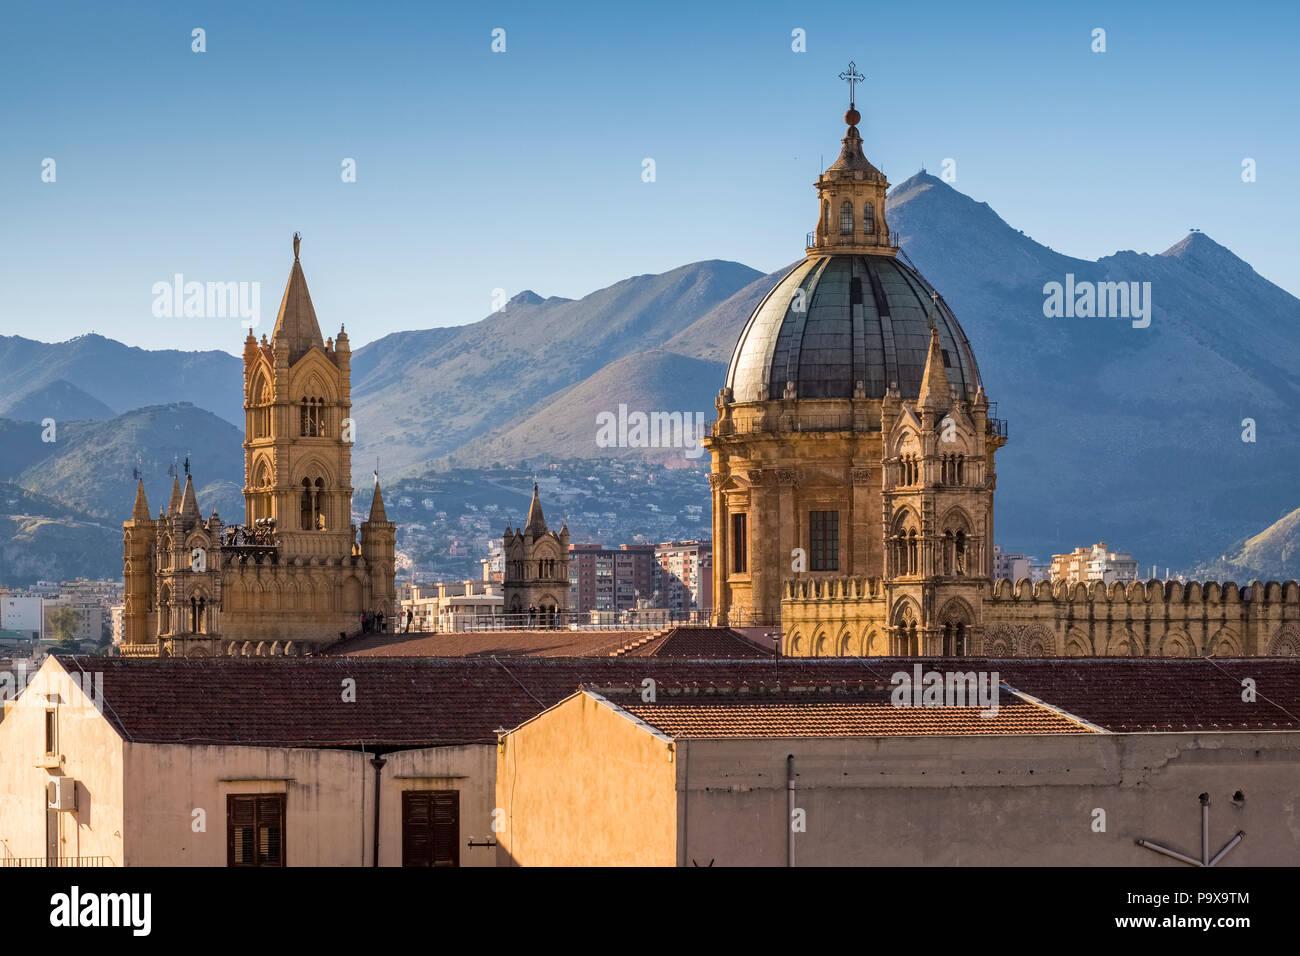 Skyline della città di Palermo, Sicilia, Italia, Europa, mostrando la cupola della cattedrale di Palermo Immagini Stock